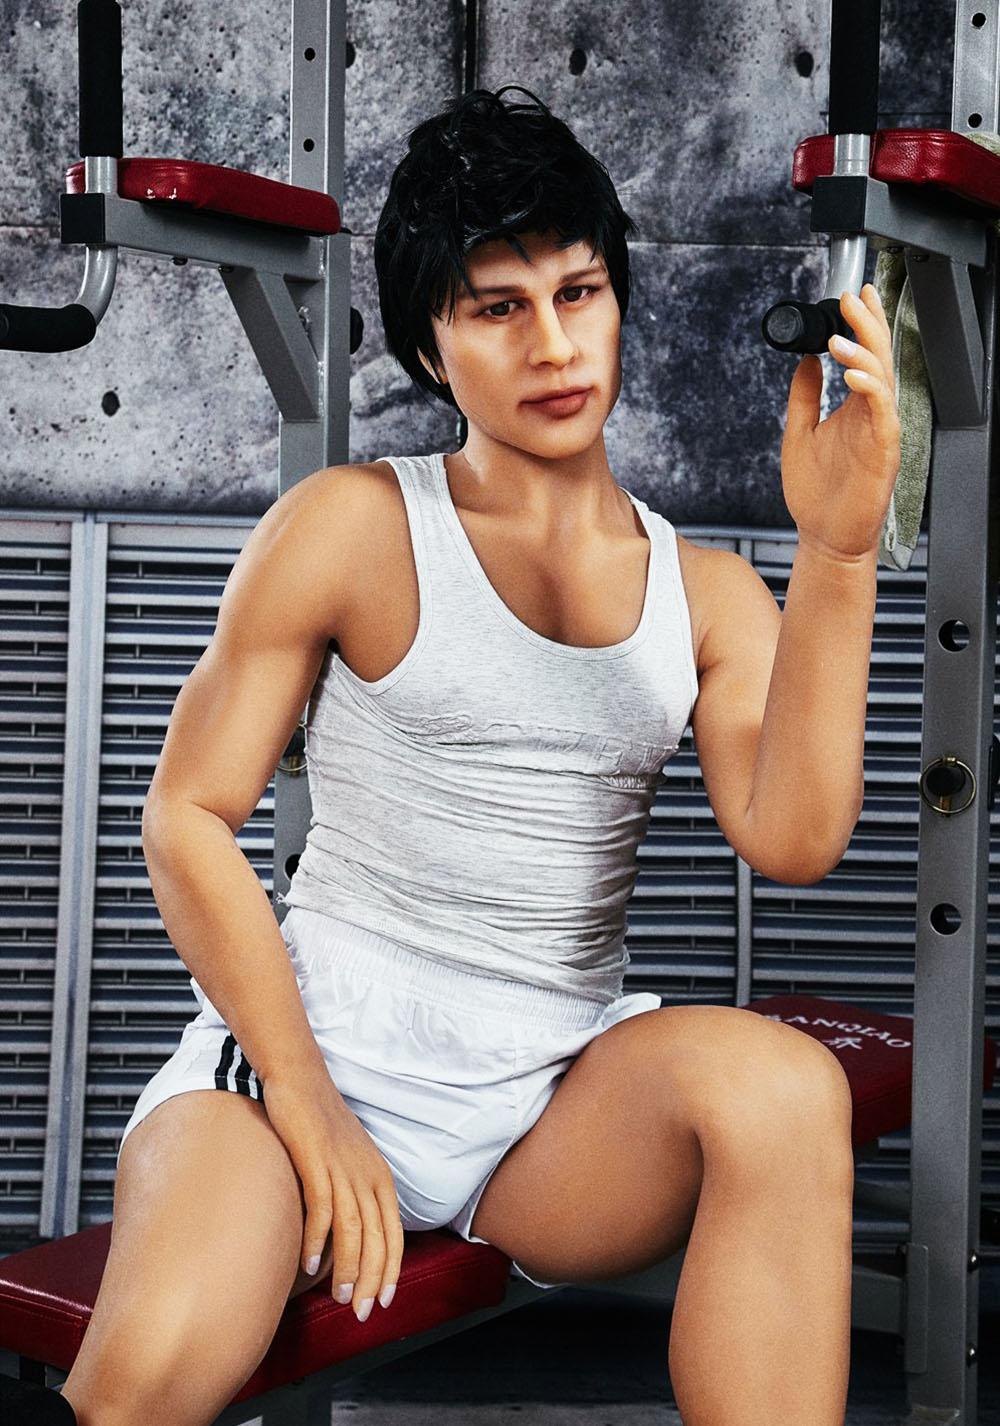 H8b1bc807d77846aa87d1e5345c45e545Y Muñeca sexual de silicona para hombre Gay, juguete de 165cm, alta calidad, para mujeres adultas, pene grande, 18cm, nuevo